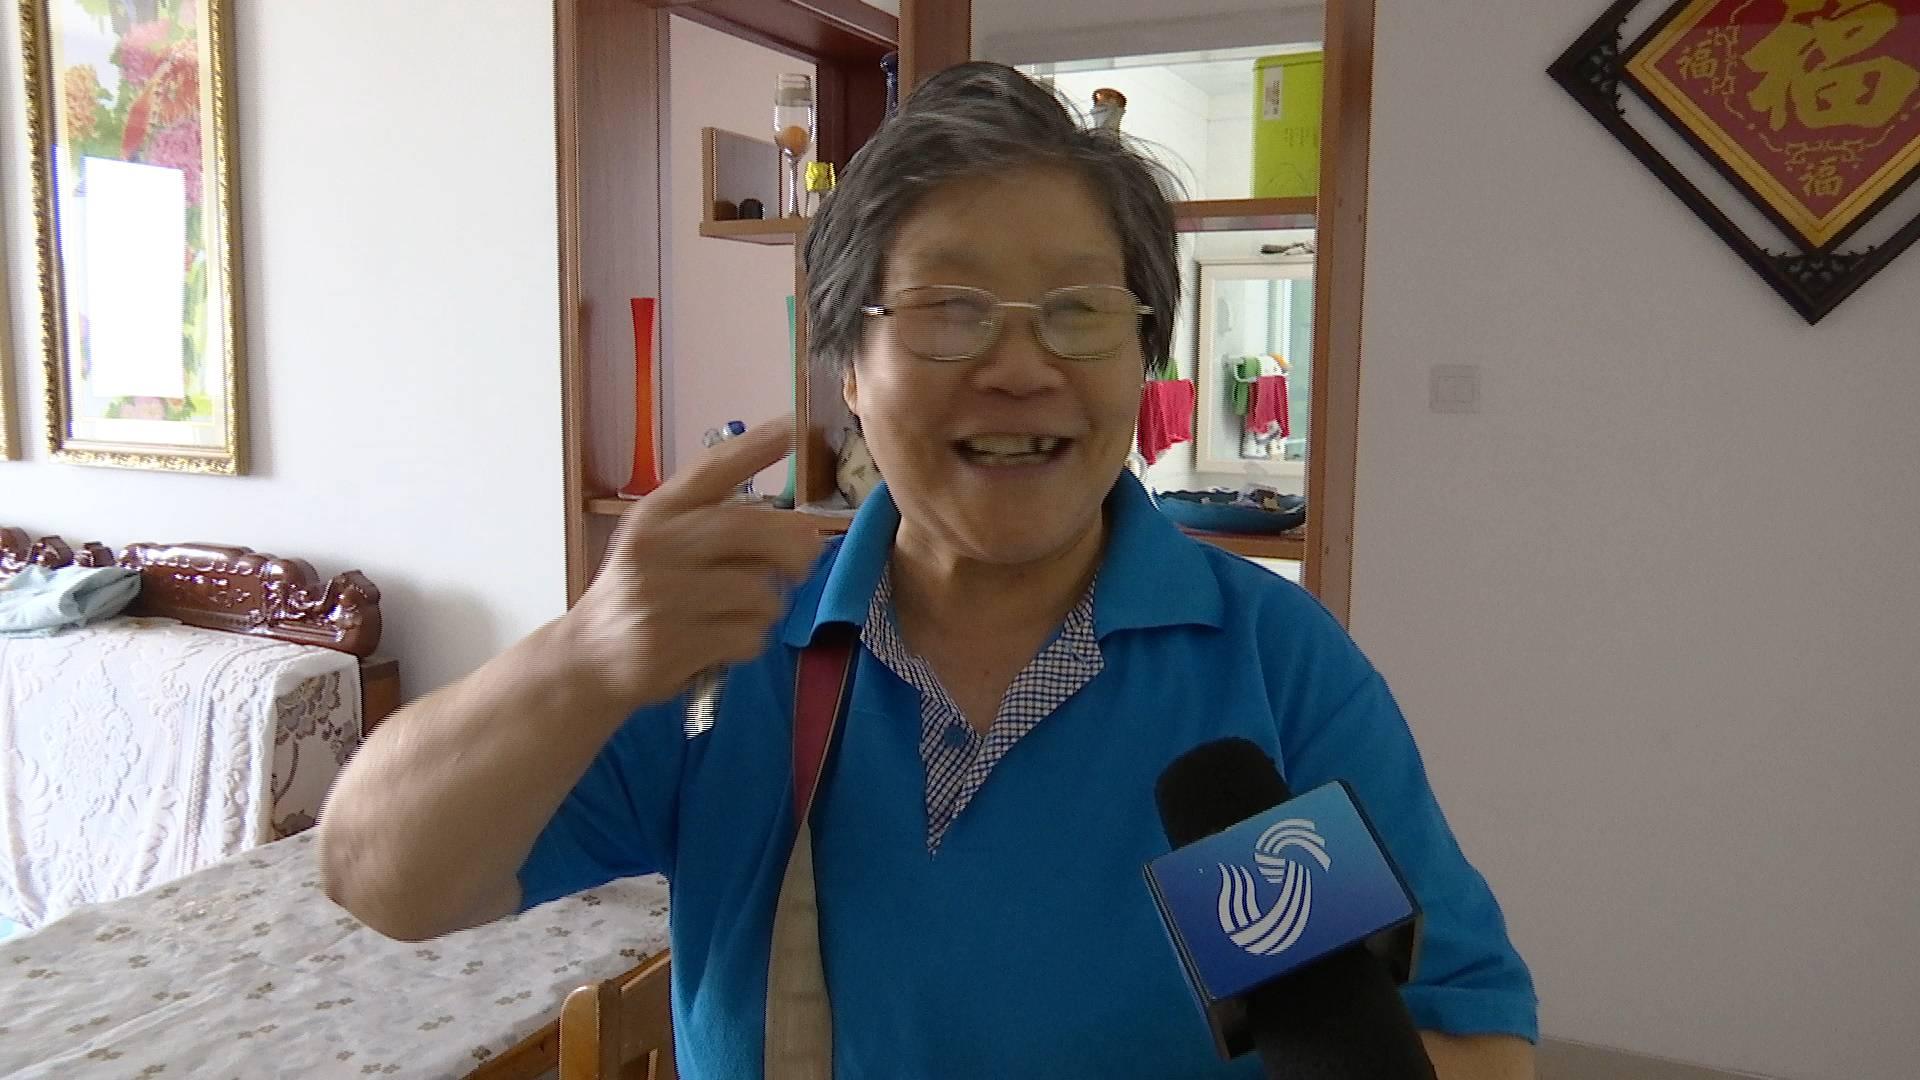 33秒丨拆迁乐坏了71岁大妈:我打小也没住过这么好的房子?